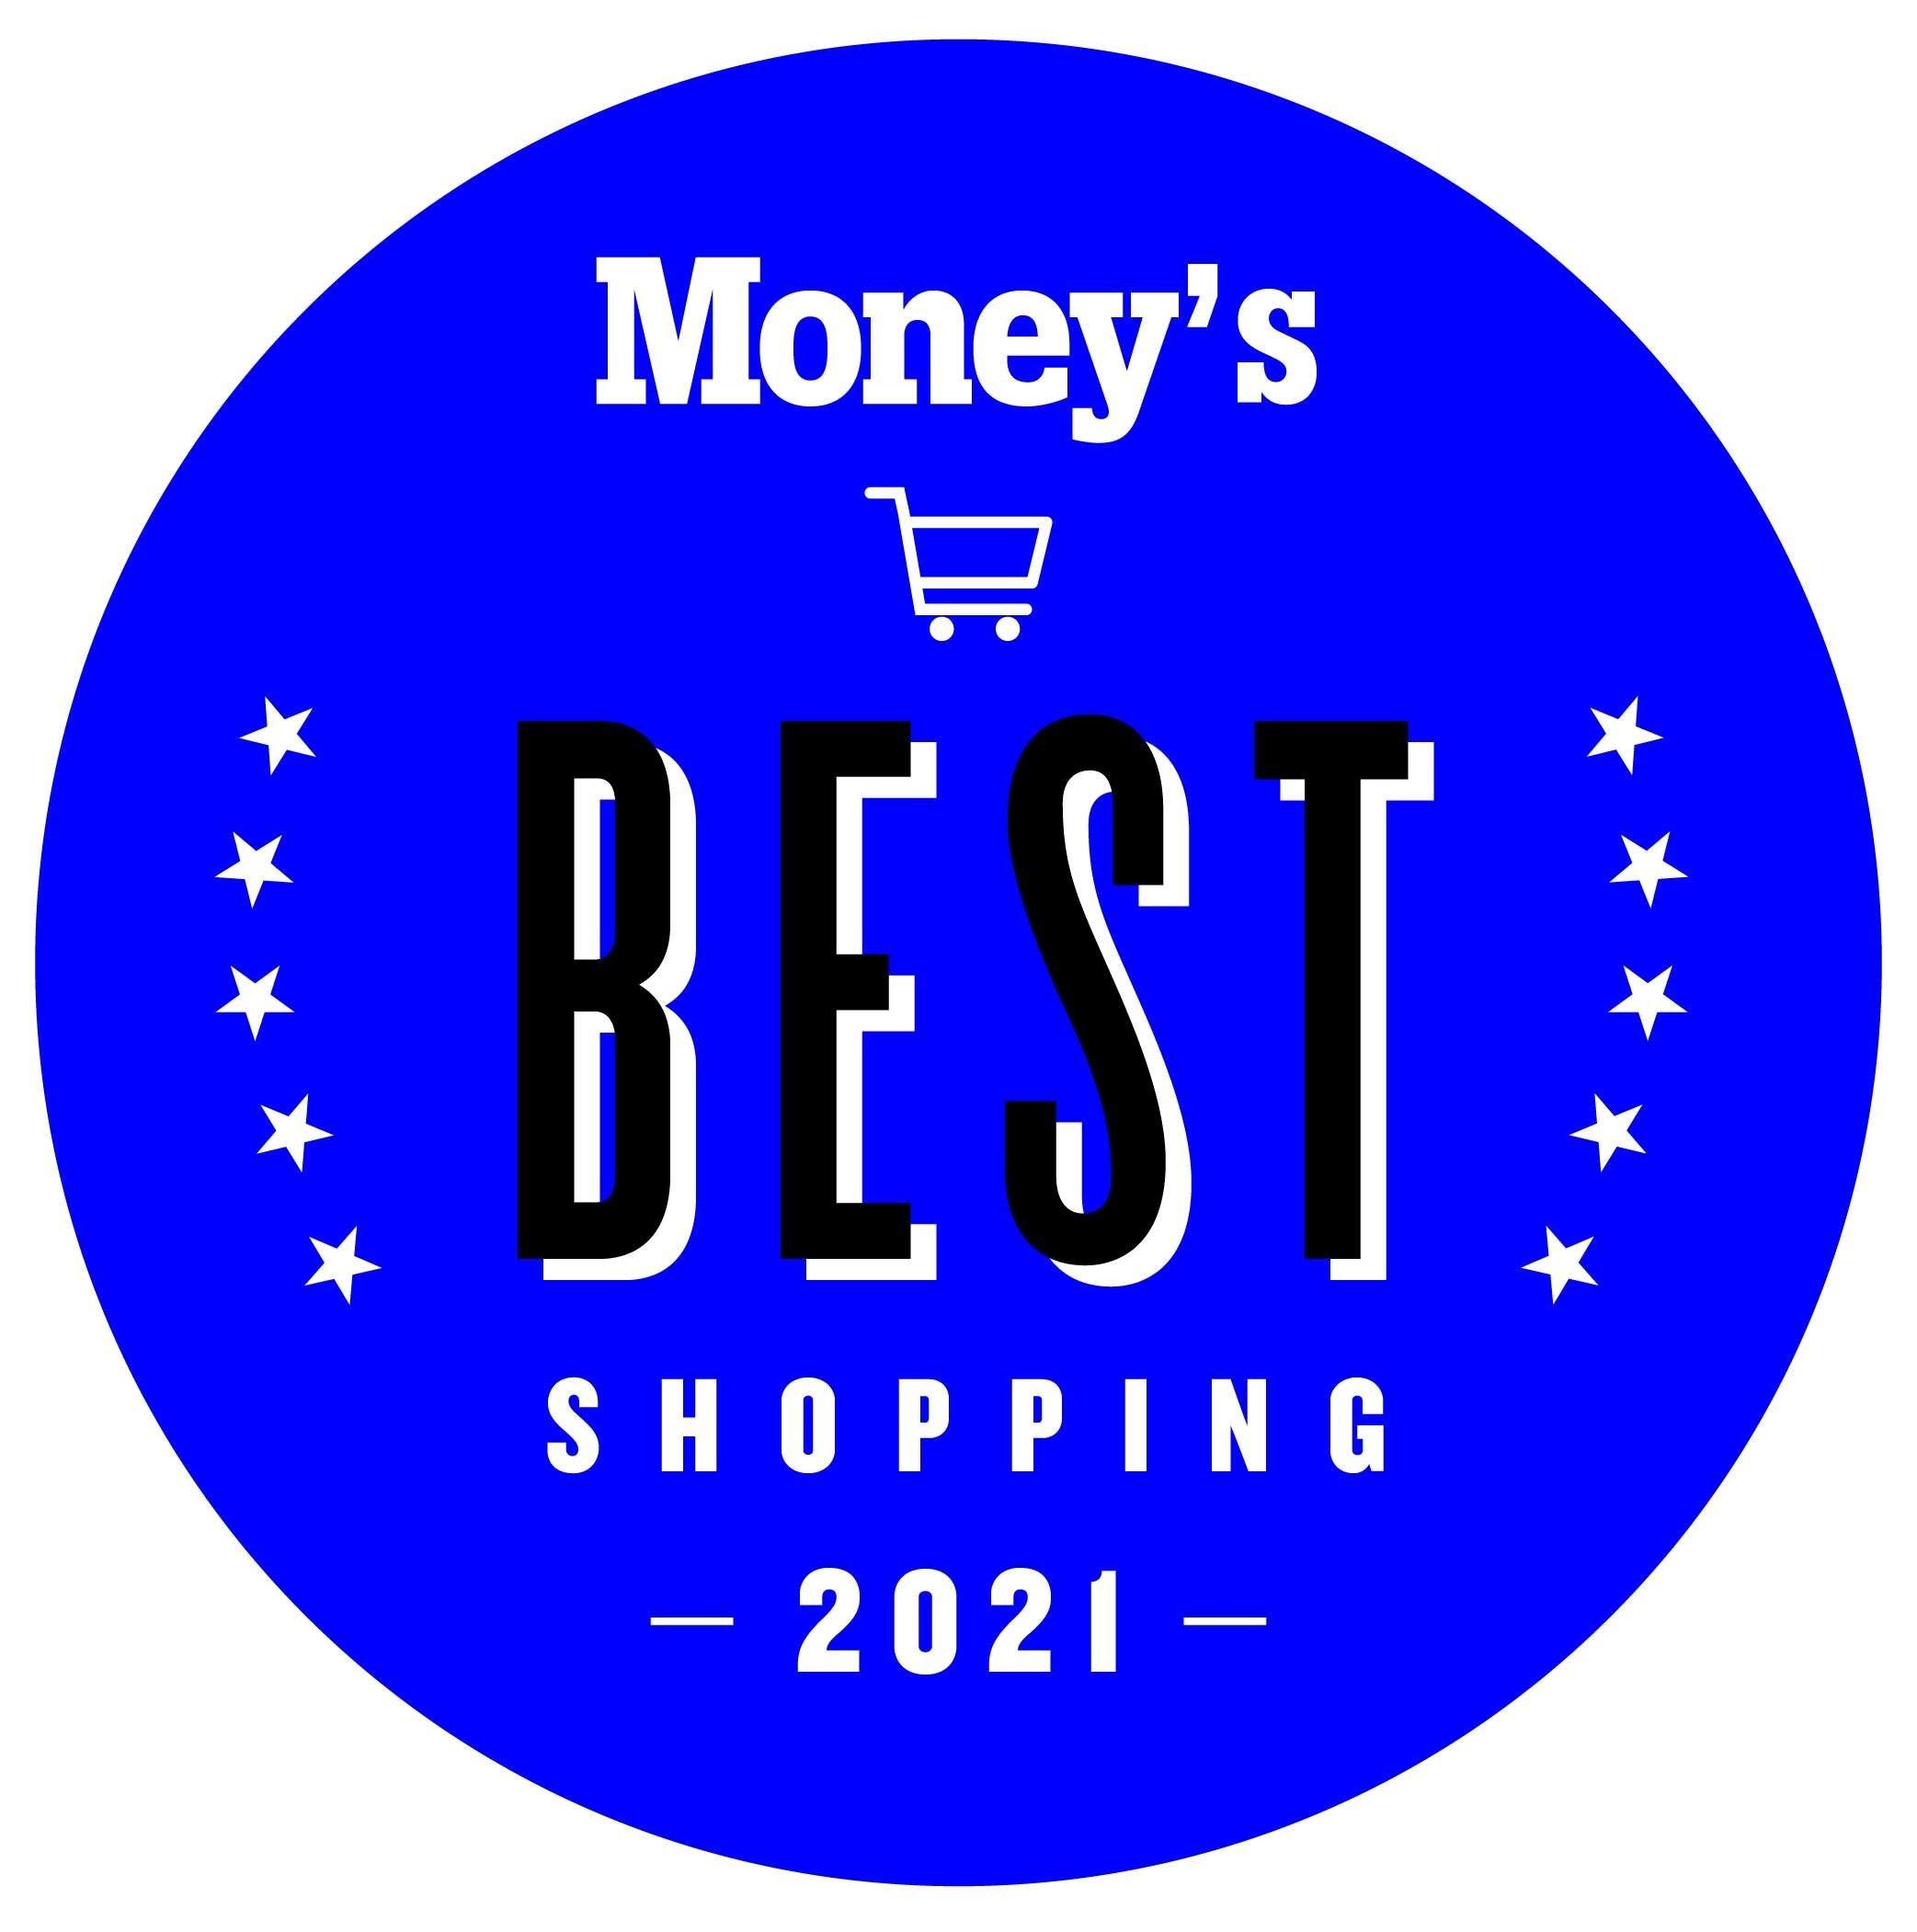 Huy hiệu Mua sắm Tốt nhất của Money năm 2021 màu xanh lam, giỏ hàng trong vòng tròn với các ngôi sao bên trái và bên phải.